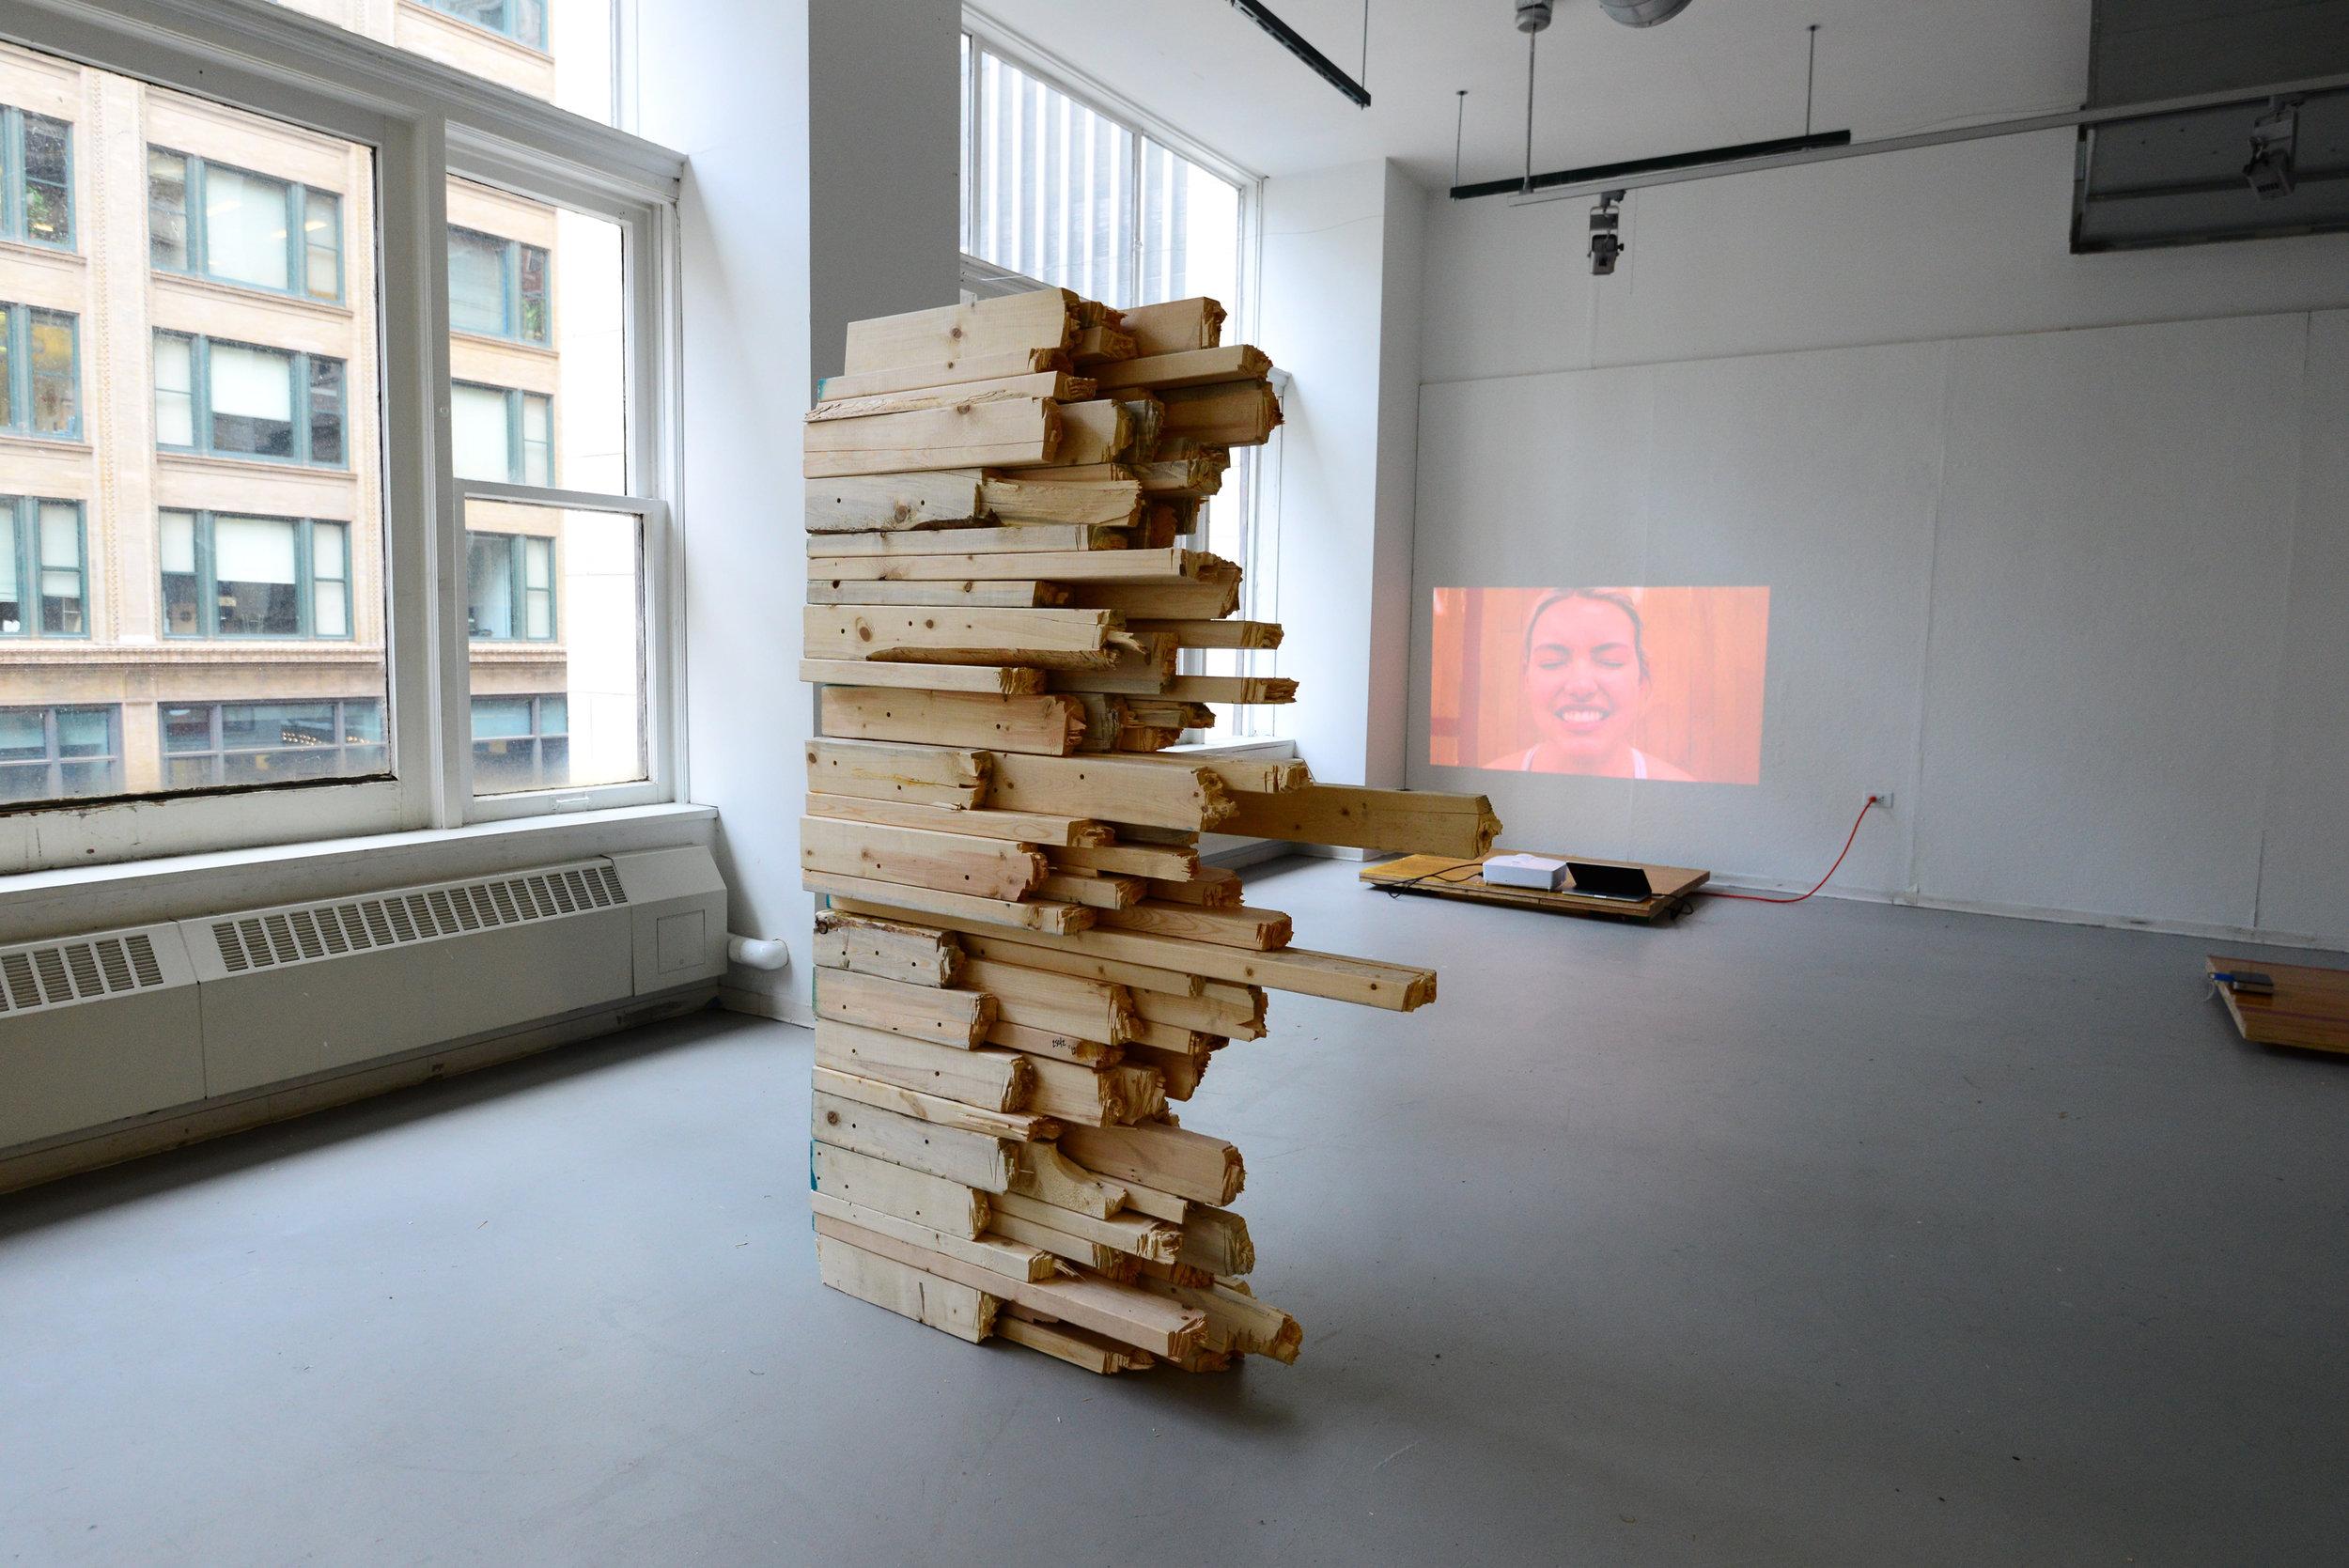 Jacqueline-Surdell-Artist-Installation-Shuddering-Turns-to-Sobbing-02.jpg